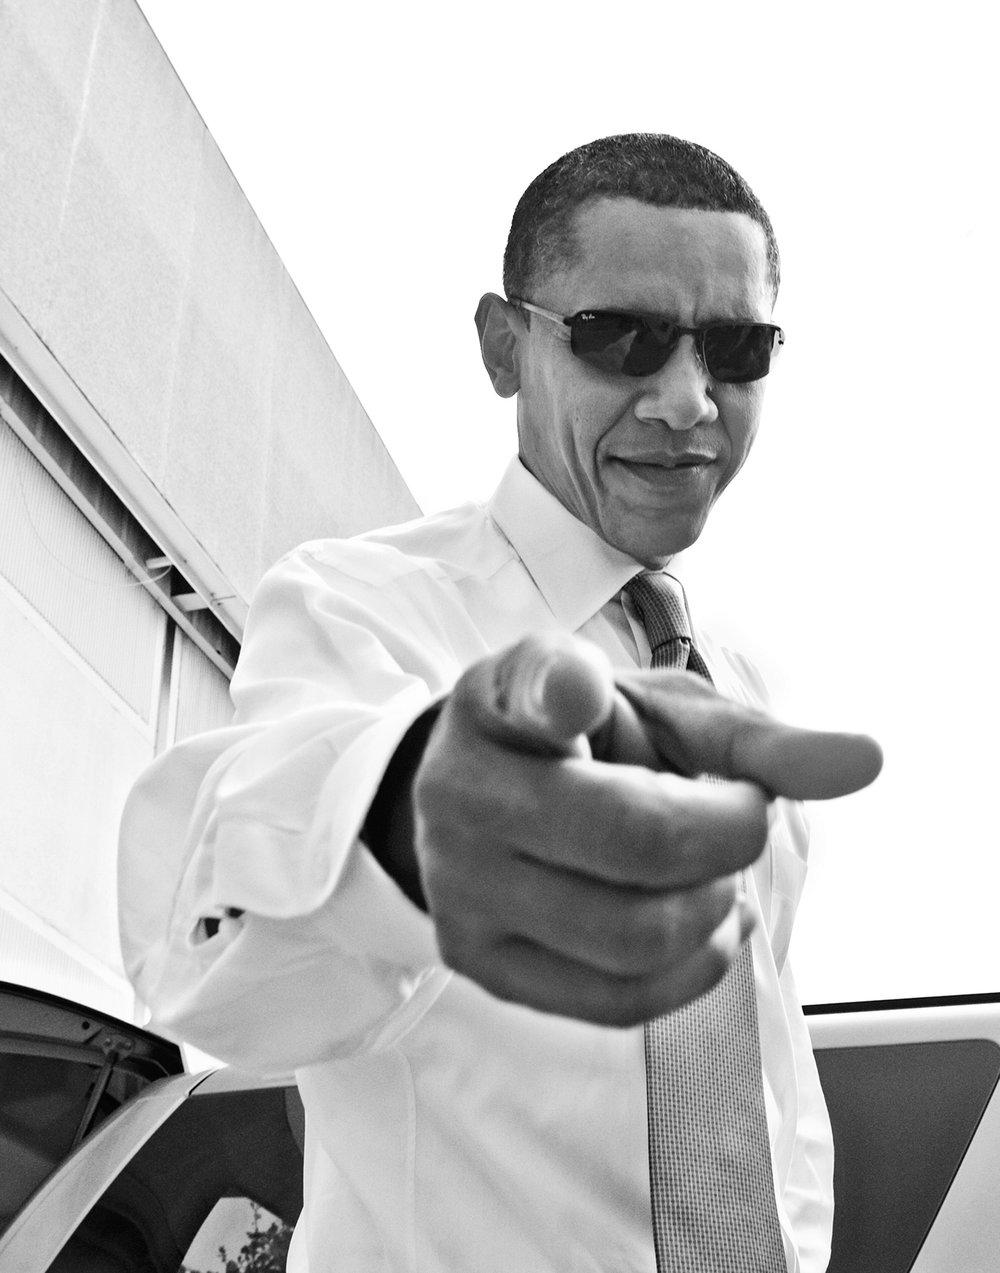 Obama_Pointing_11x14_1.jpg